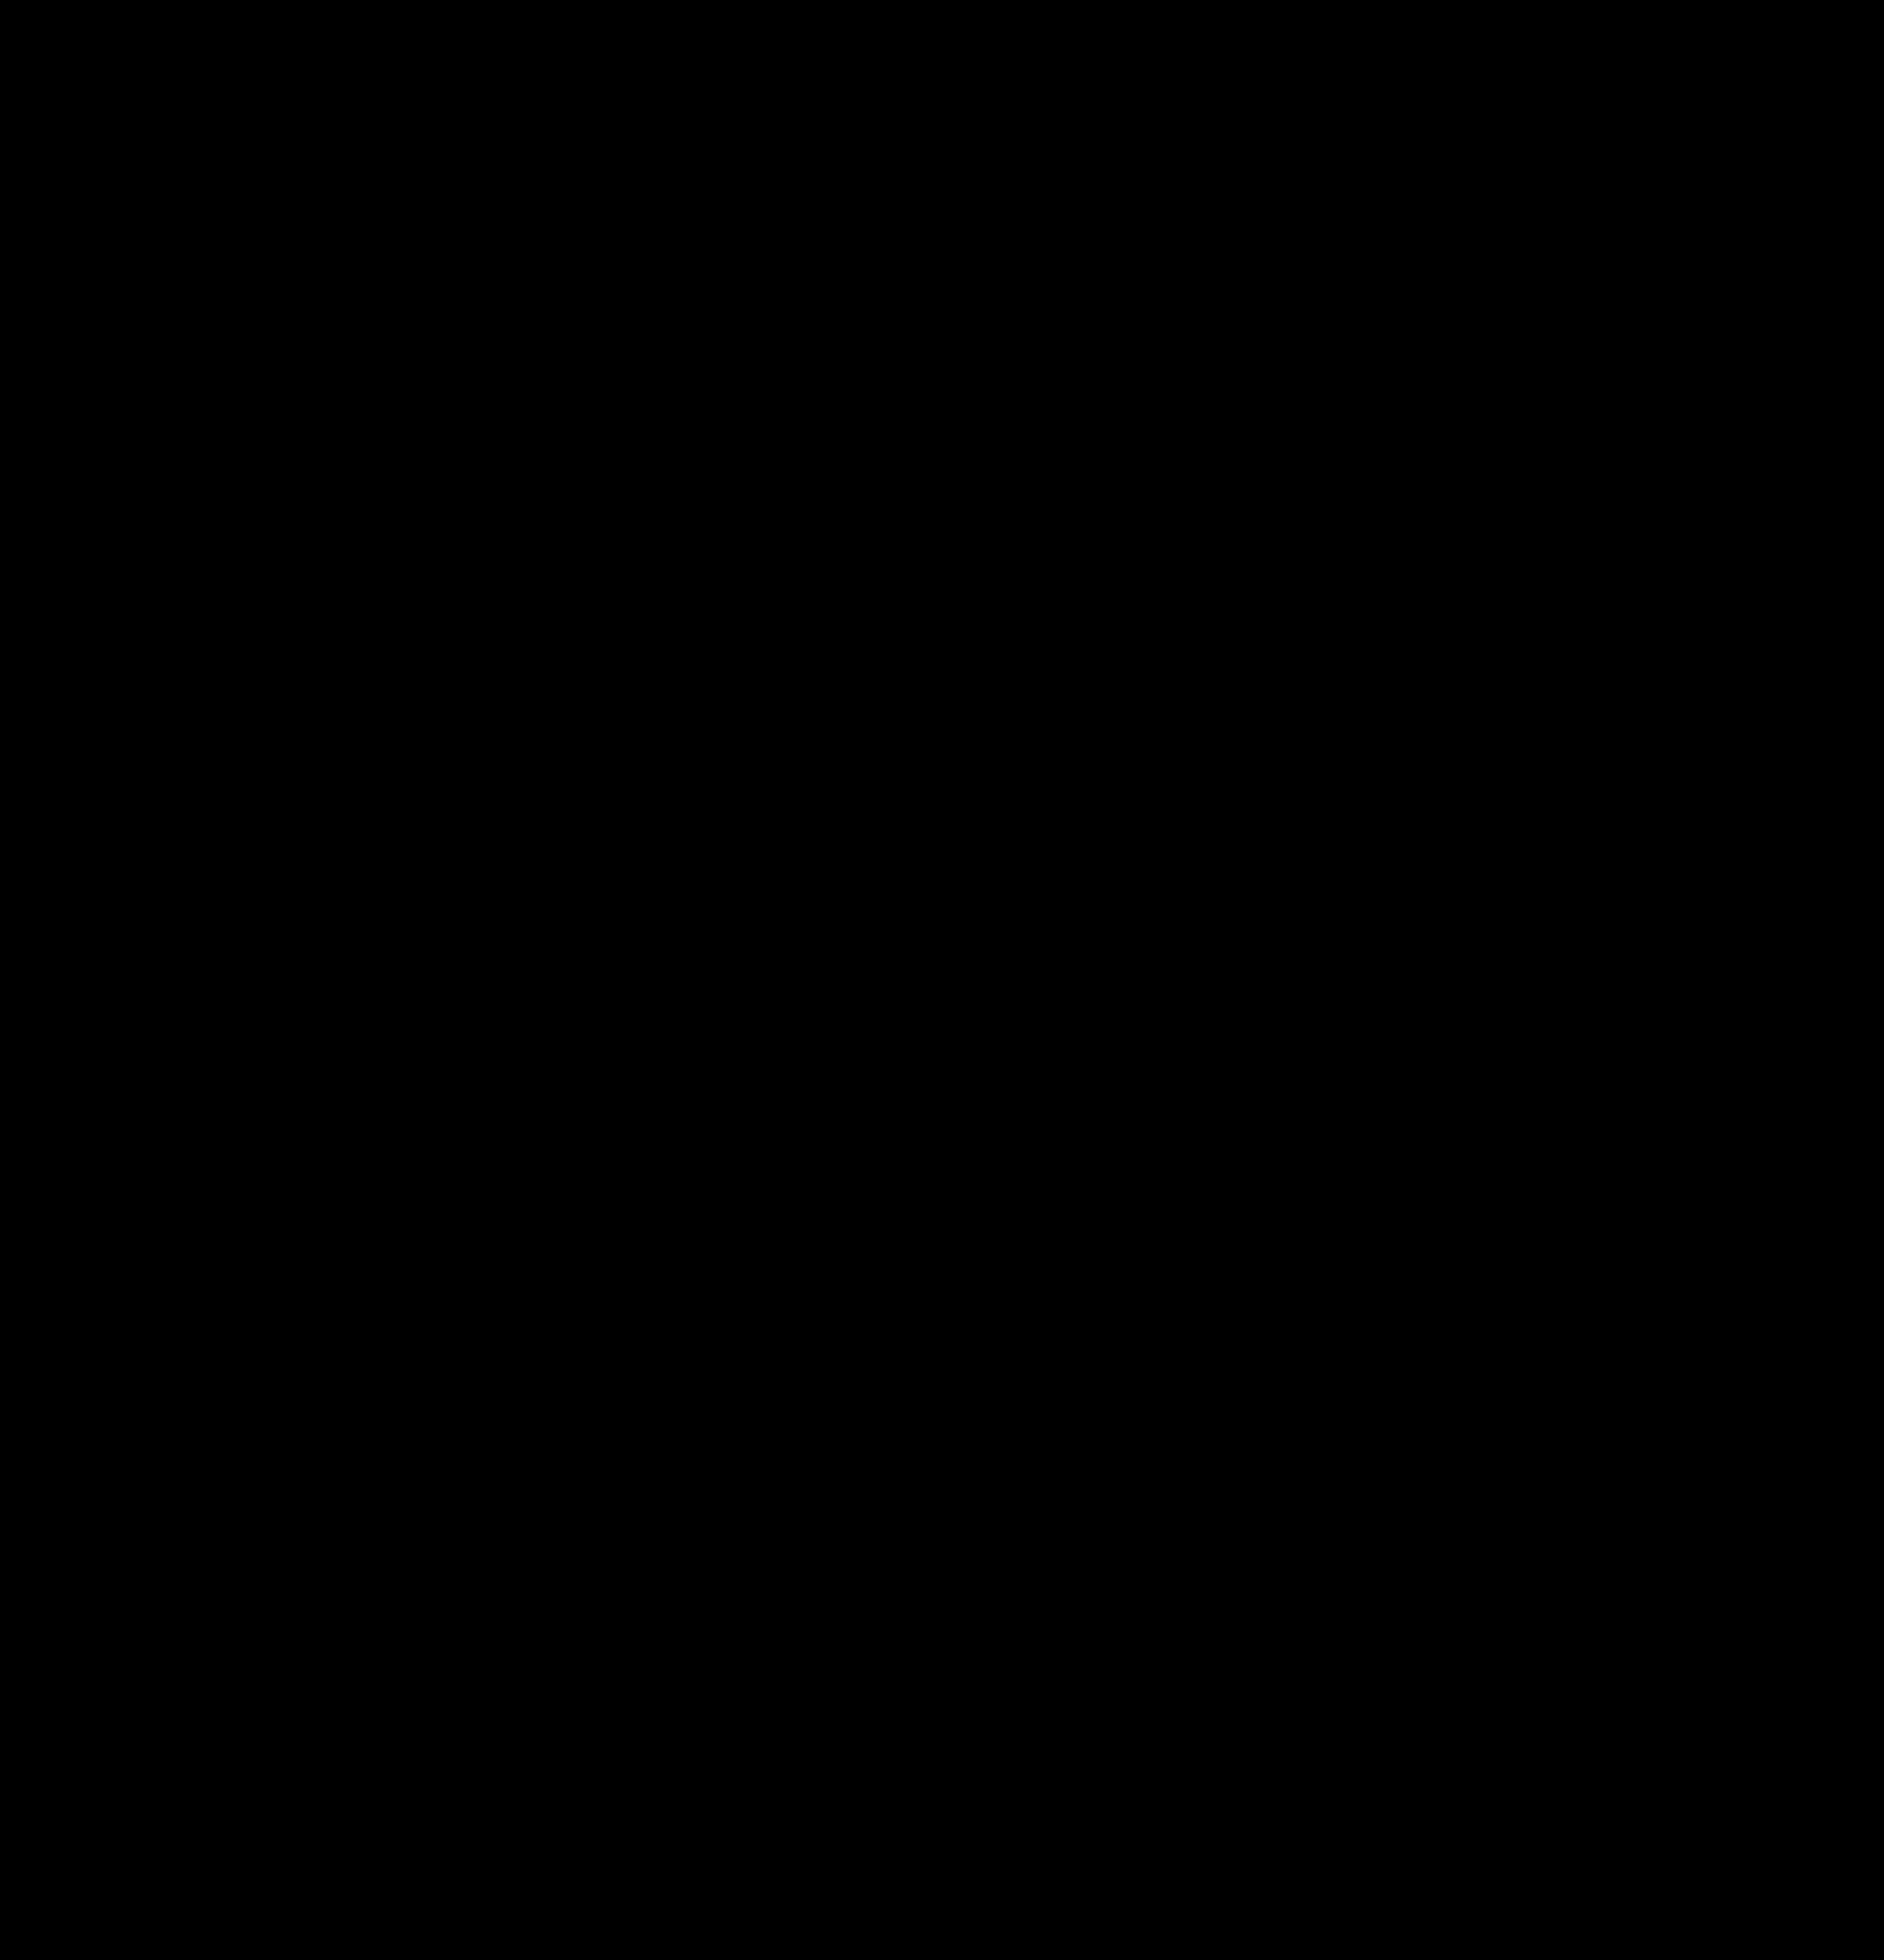 Halloween Pumpkins Clipart & Halloween Pumpkins Clip Art Images.